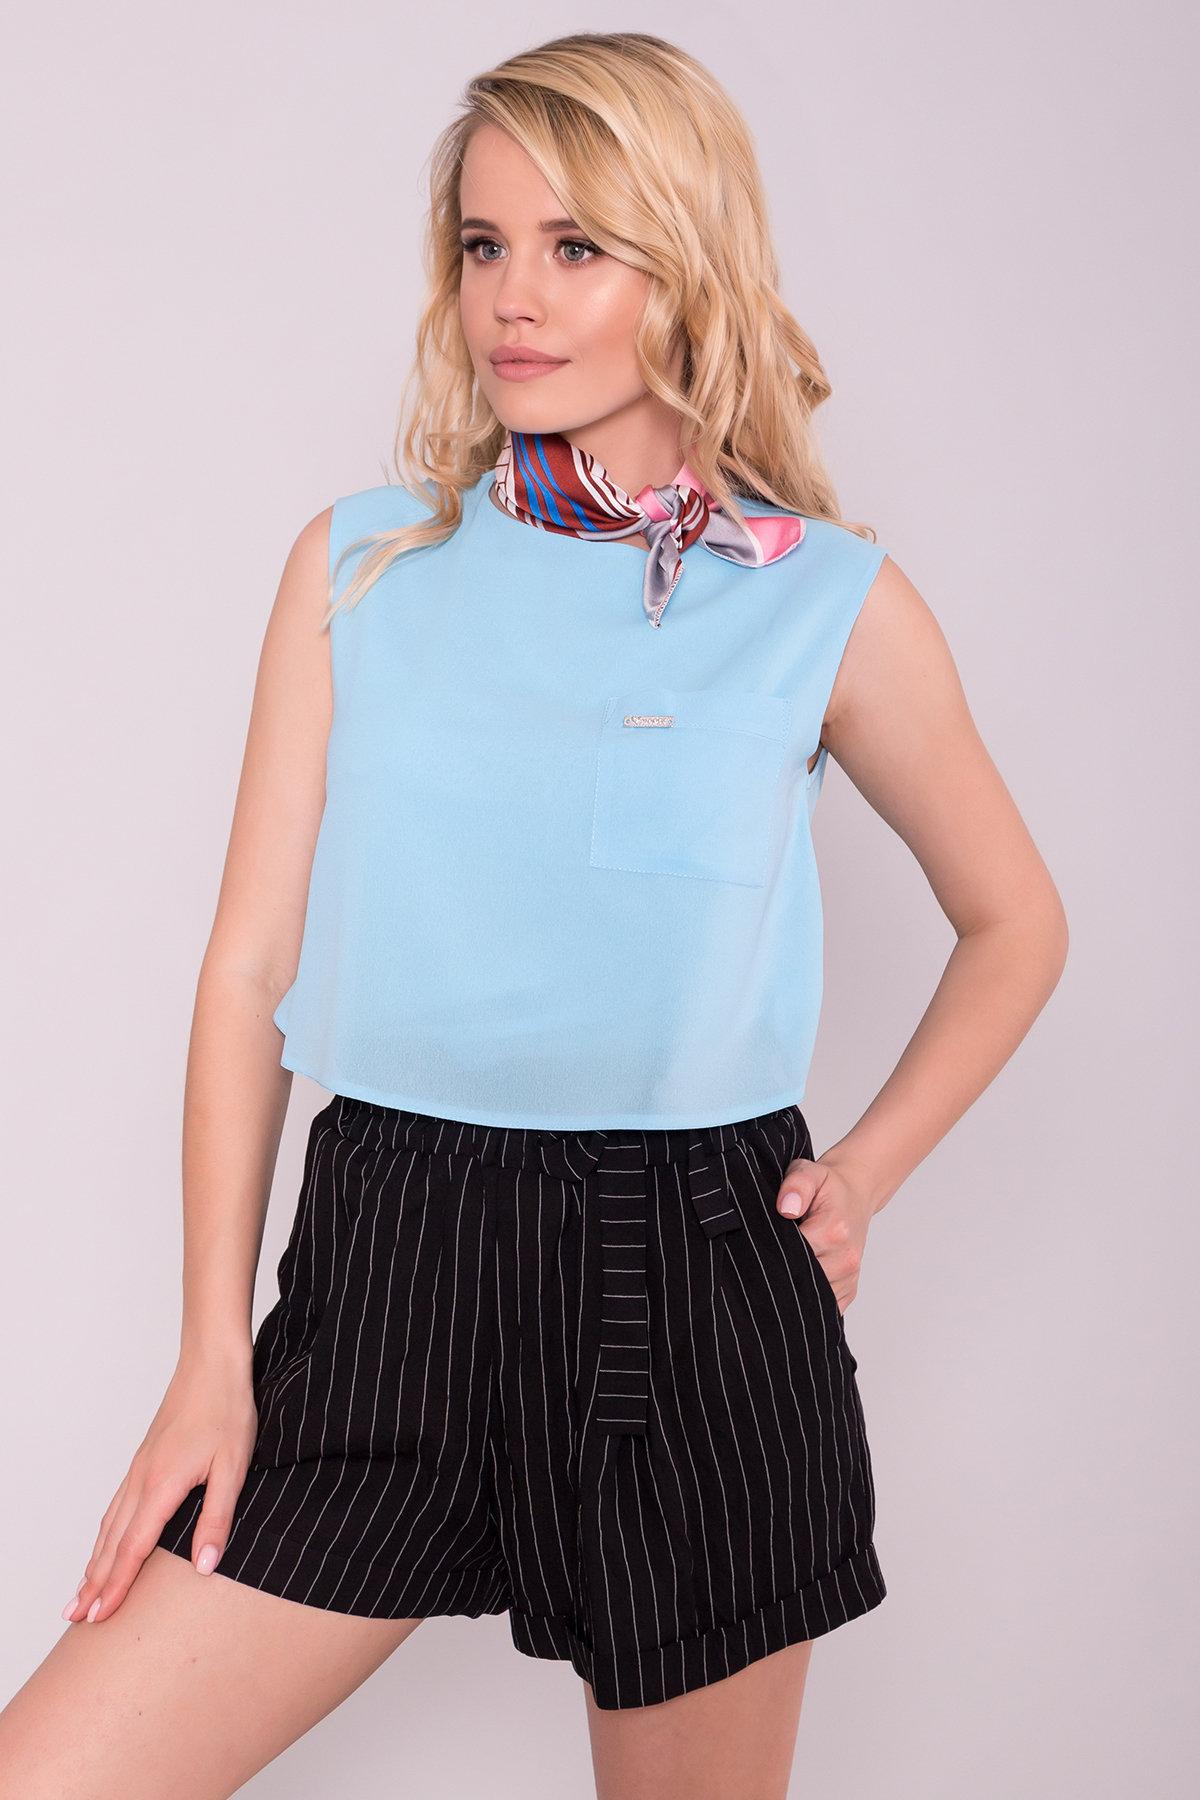 Блуза Девайс 7324 АРТ. 42981 Цвет: Голубой 311 - фото 3, интернет магазин tm-modus.ru